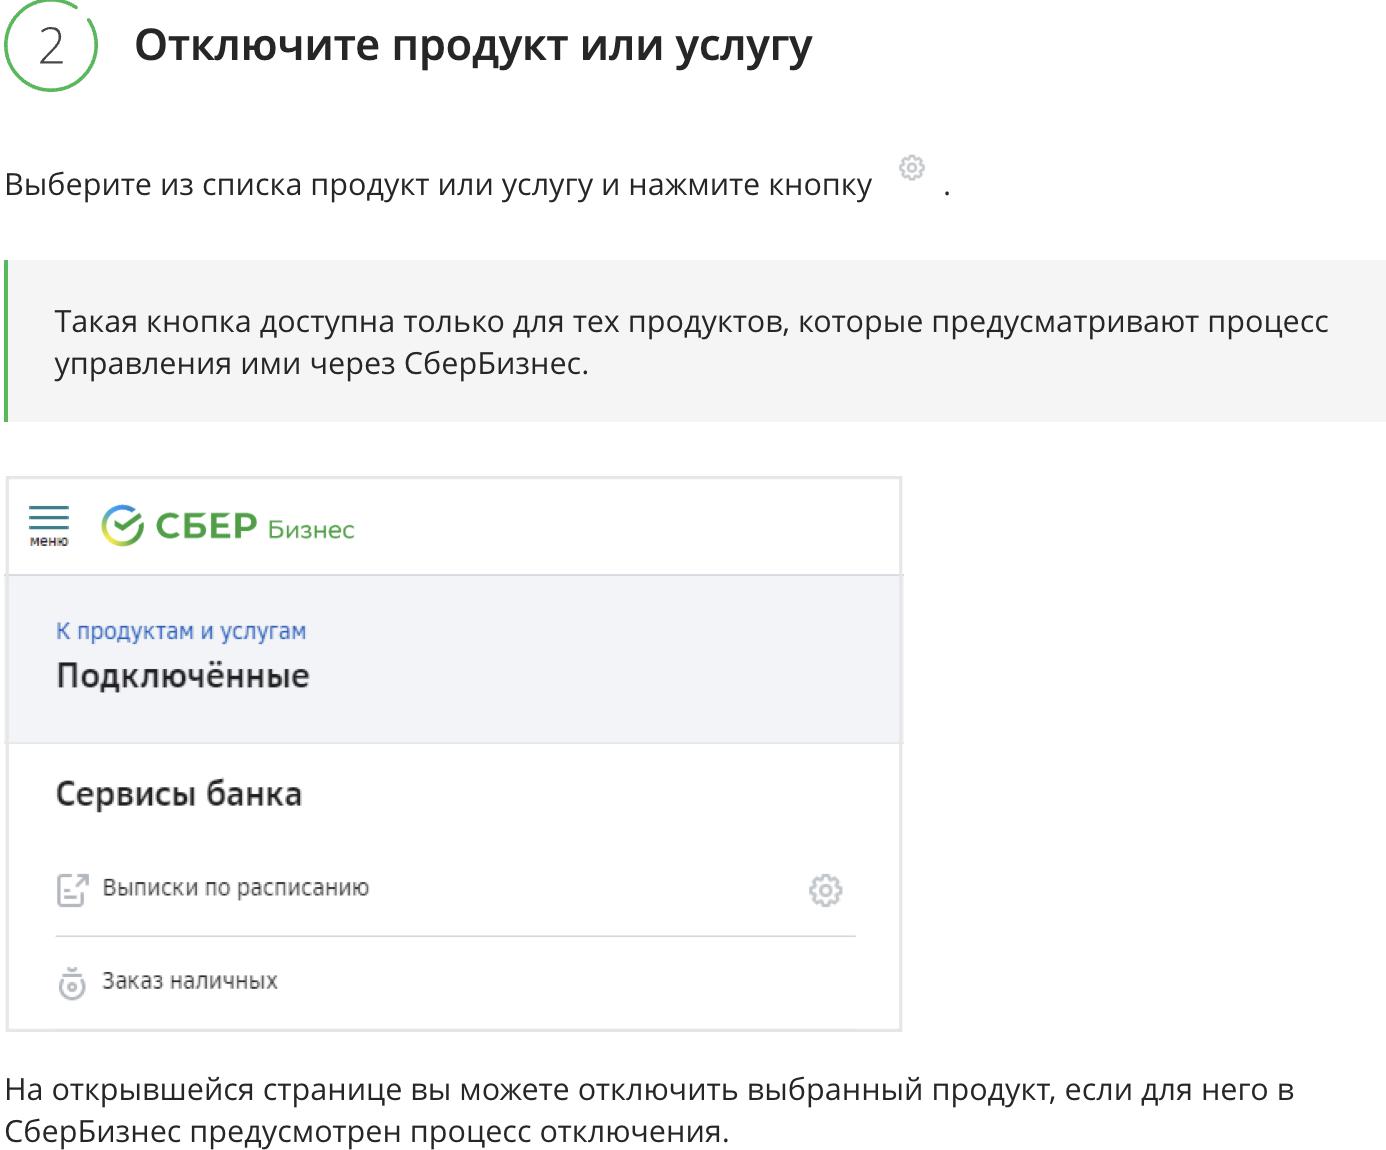 Как отключить систему Сбербанк Бизнес Онлайн через личный профиль или в отделении